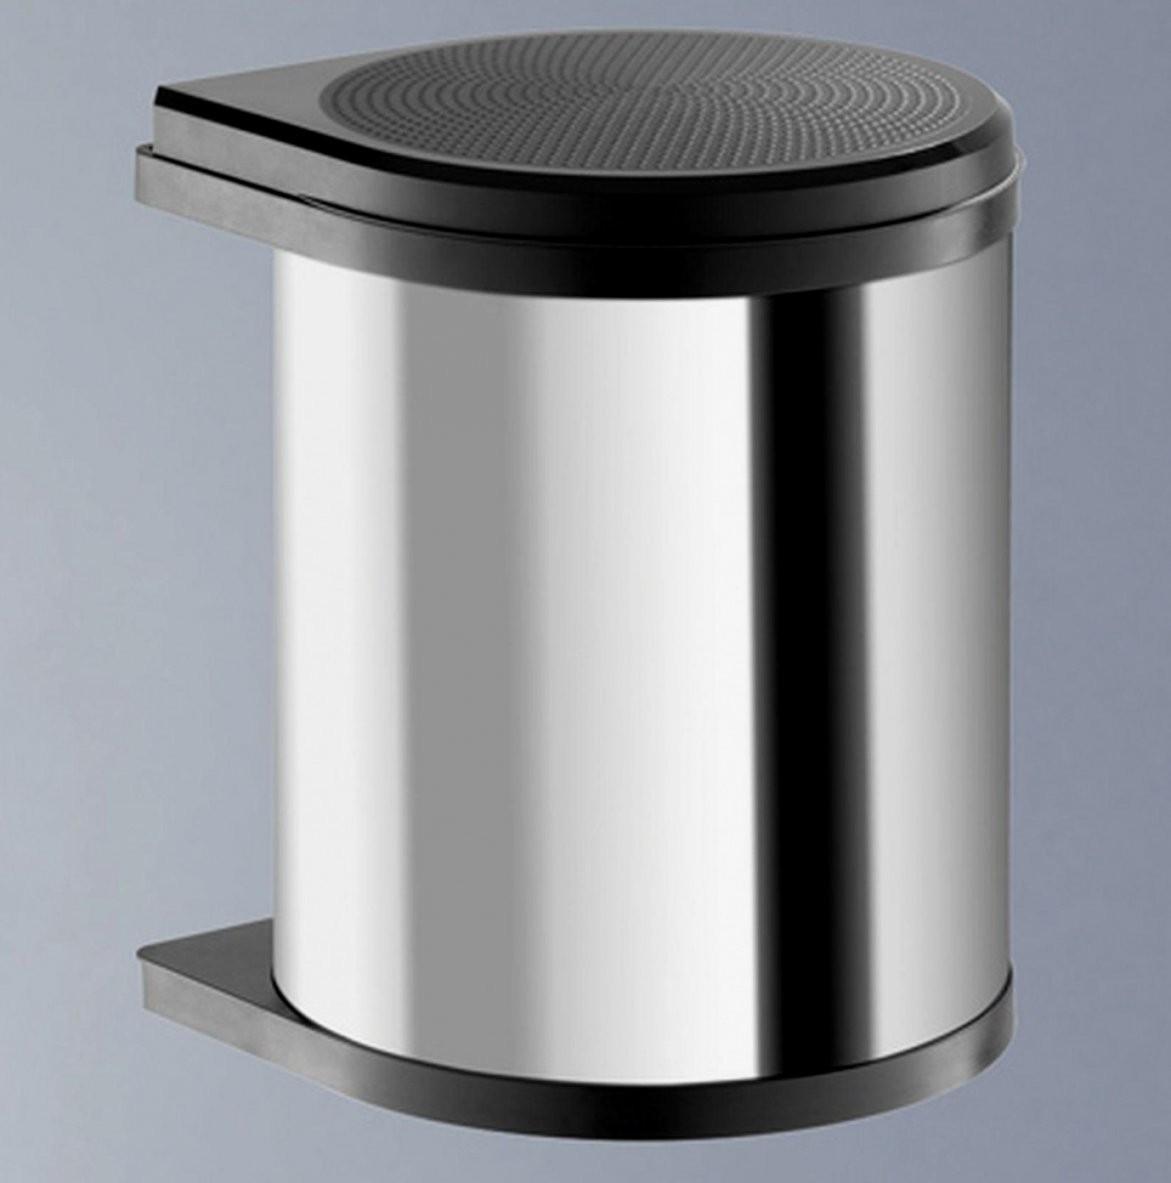 Mülleimer Für Die Küche Best Of Schöne Mülleimer Für Die Küche von Schöne Mülleimer Für Die Küche Photo